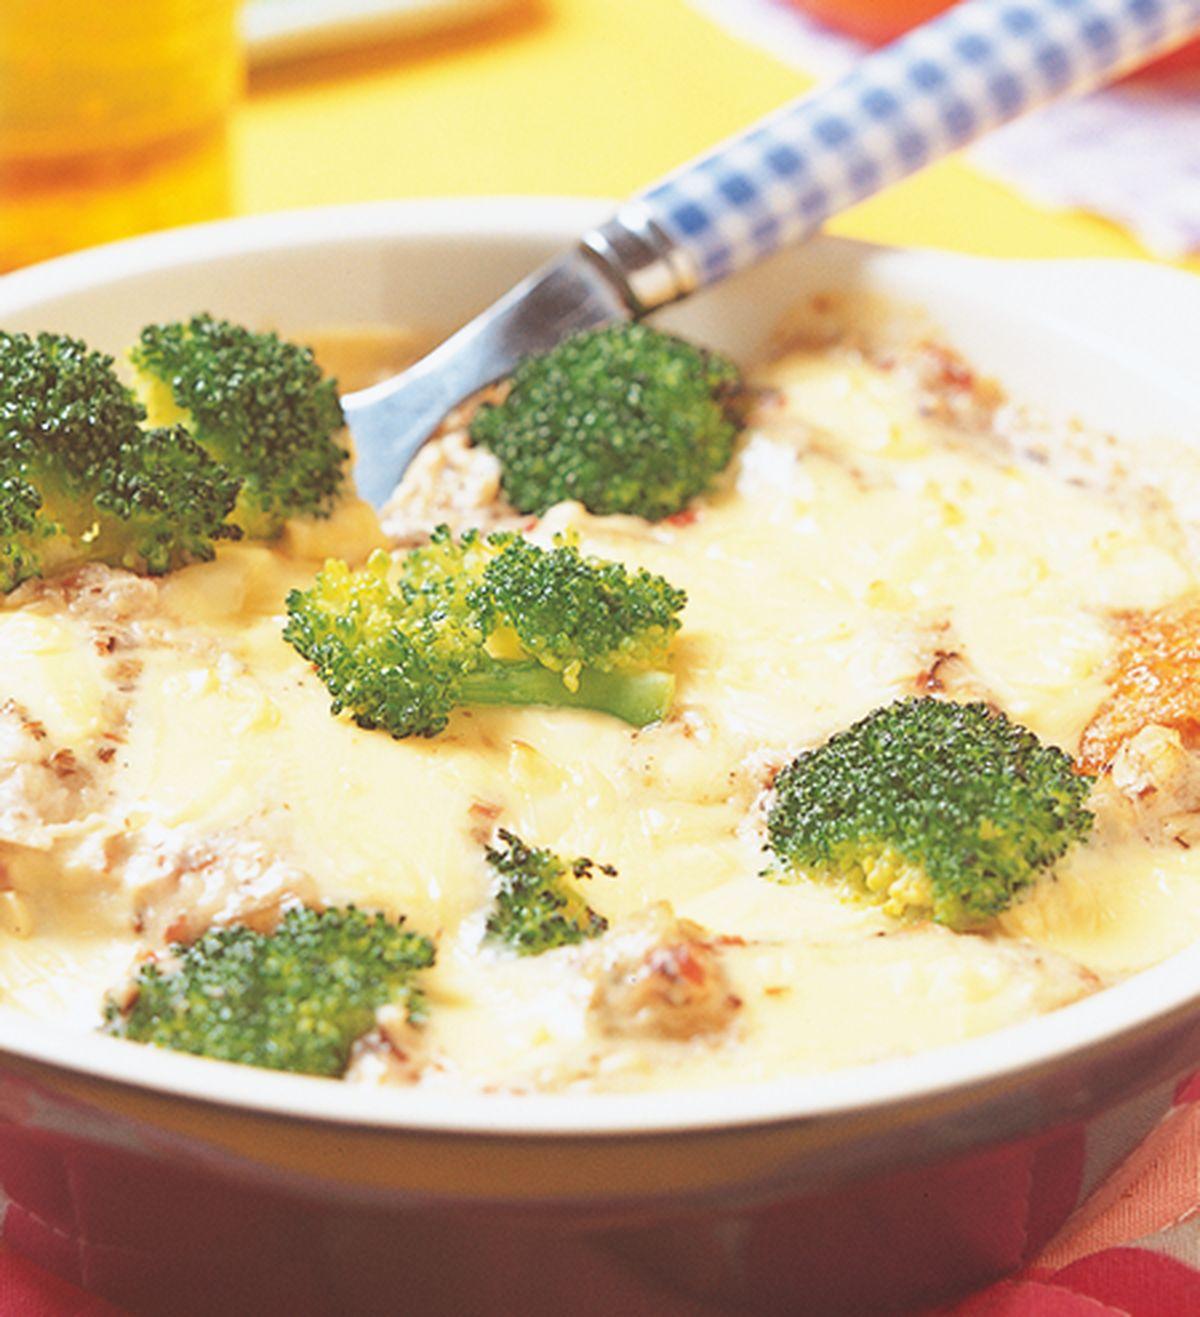 食譜:焗烤乳酪風味蛋包